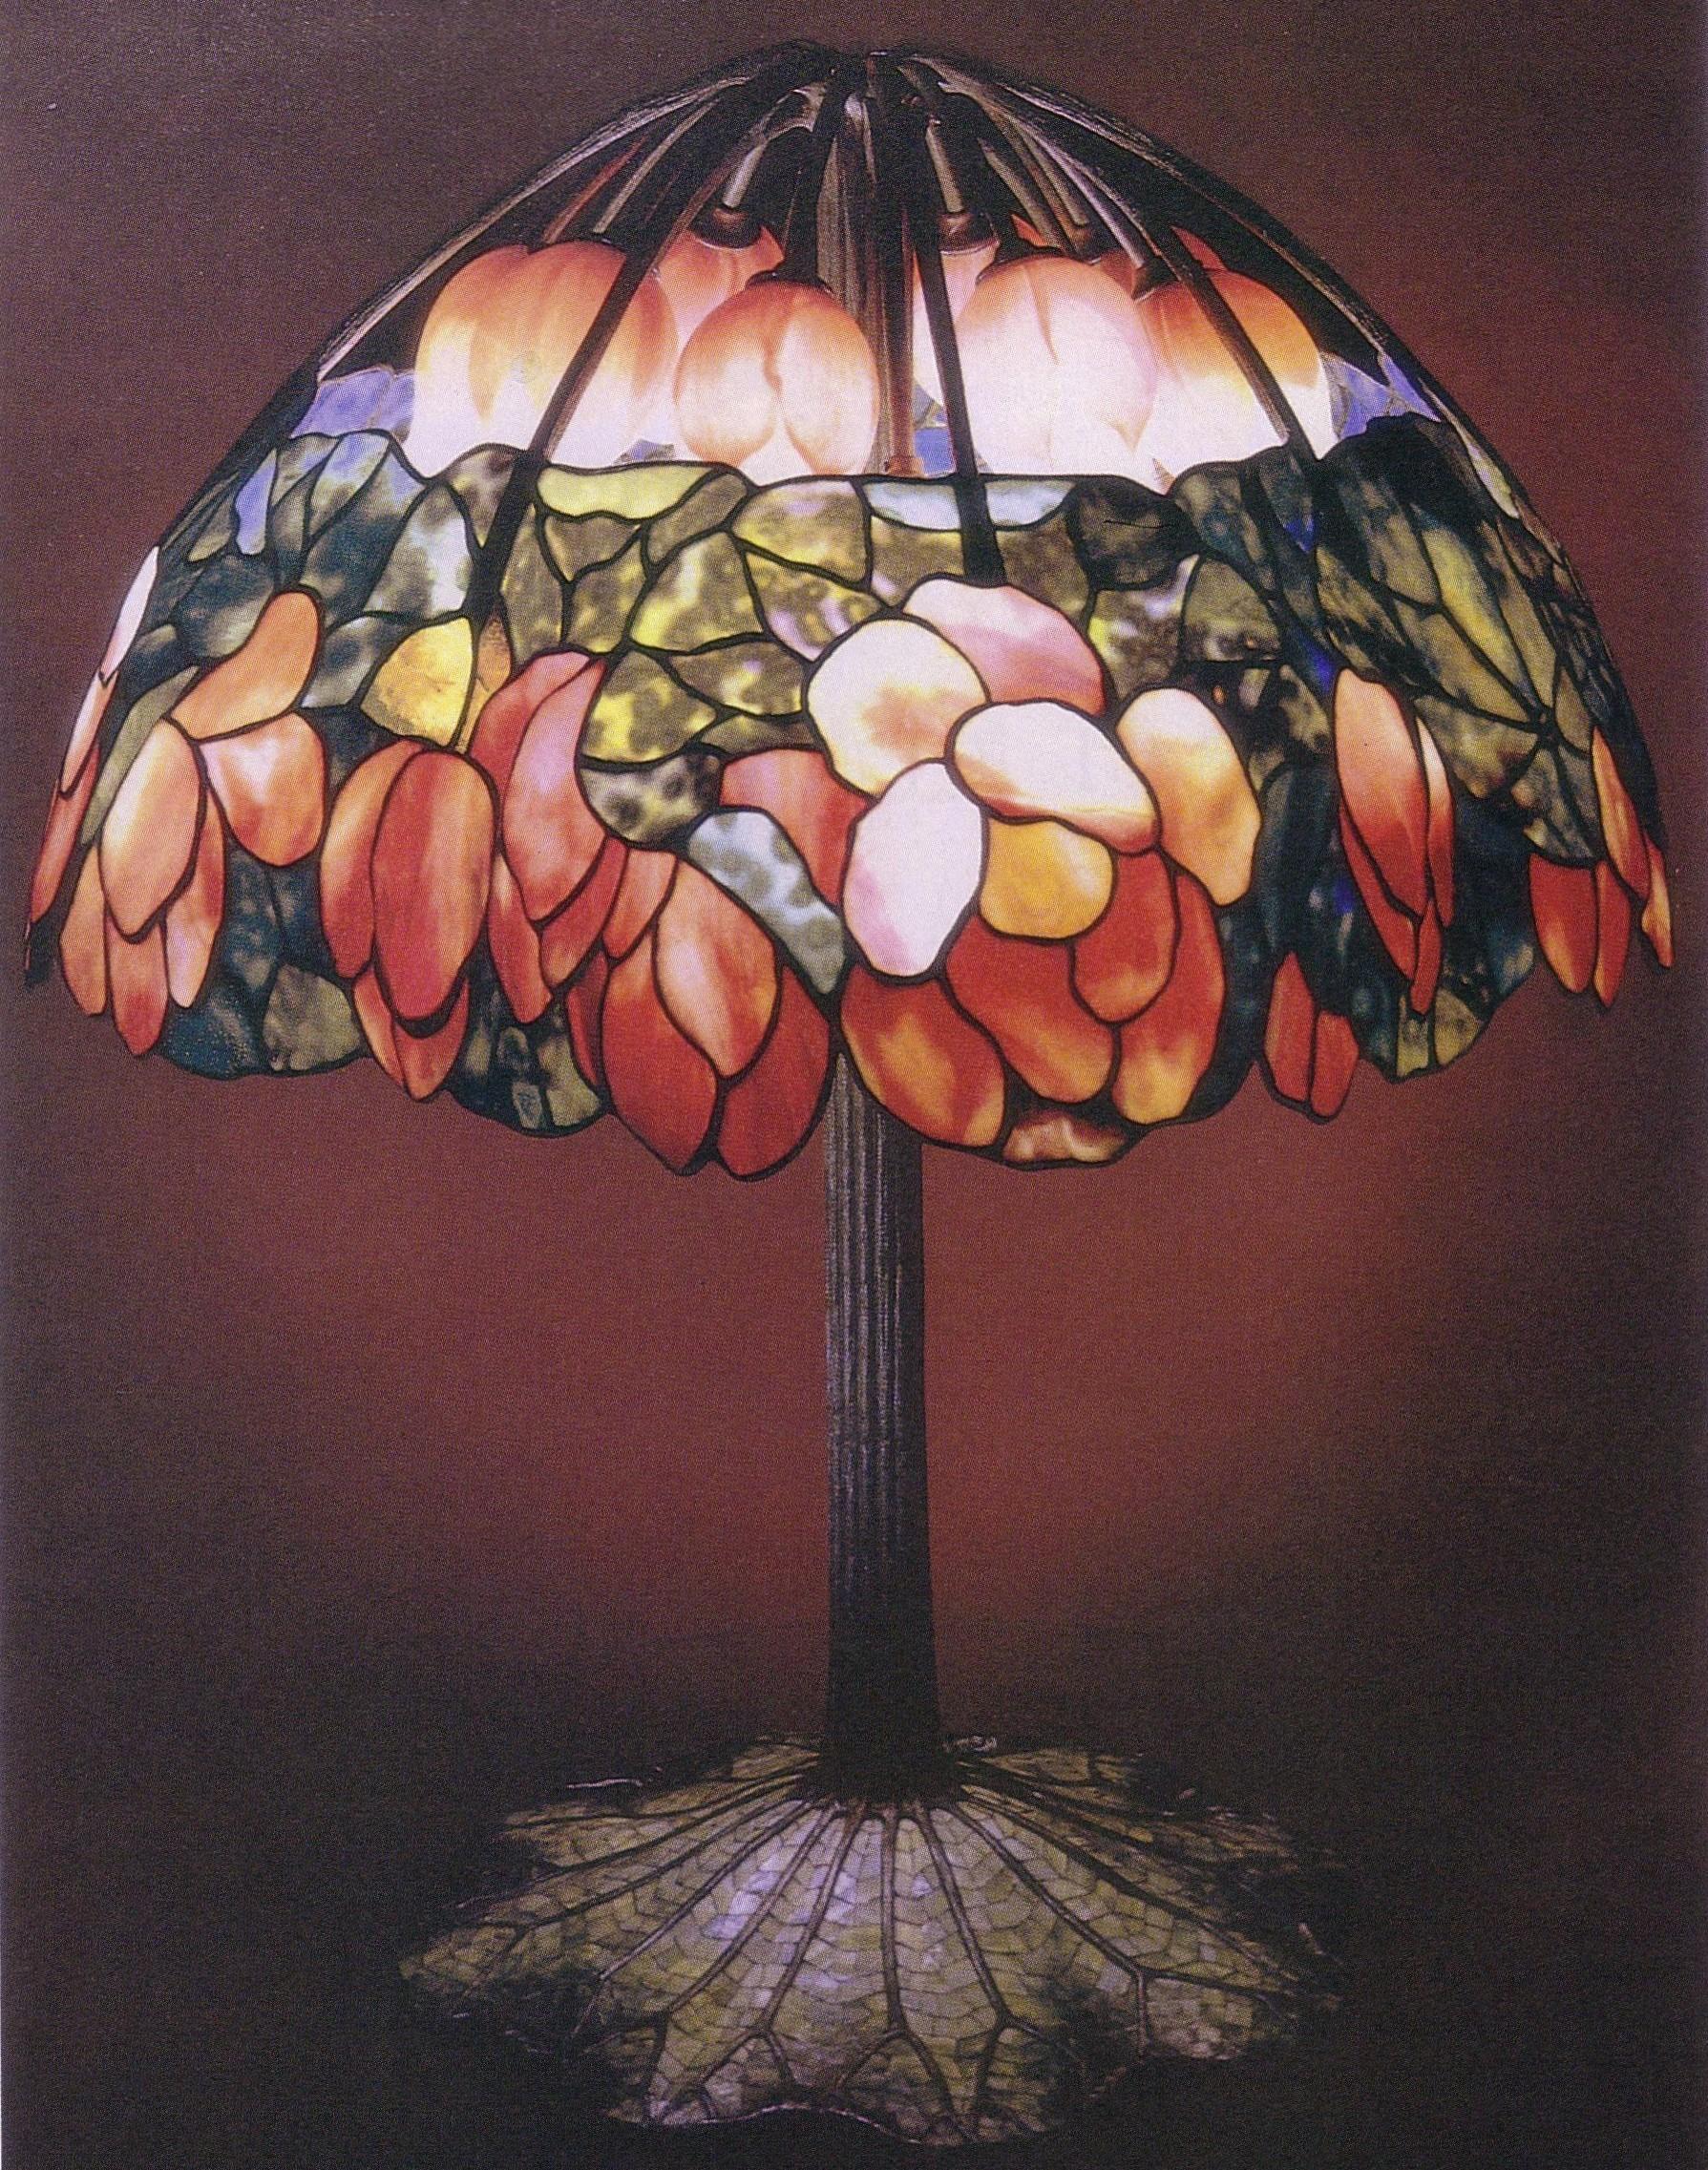 Lotus lamp_Tiffanys